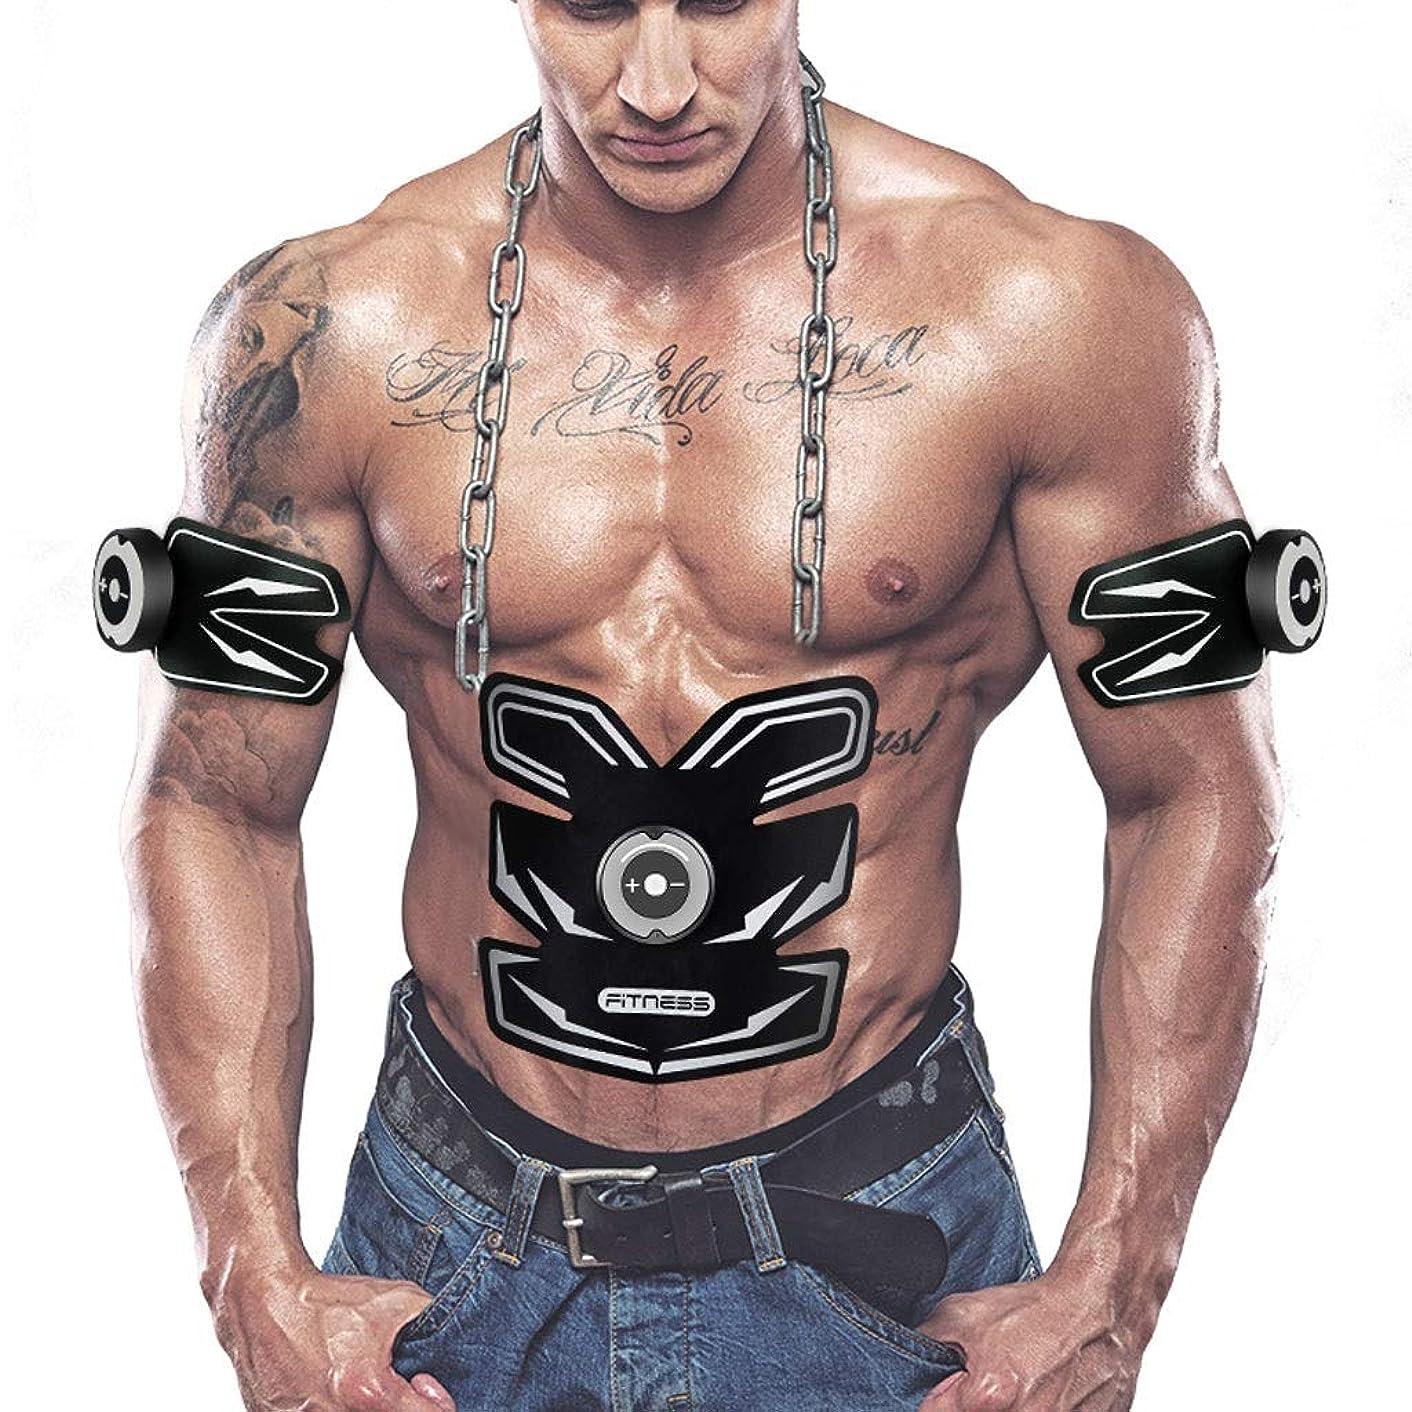 インフラマングル寝室Absのトレーナーの適性の訓練ギヤ、リモート?コントロールのEMS筋肉刺激装置 - 人及び女性のためのUSBの再充電可能な最終的な腹部刺激装置筋肉トナー (Color : White)